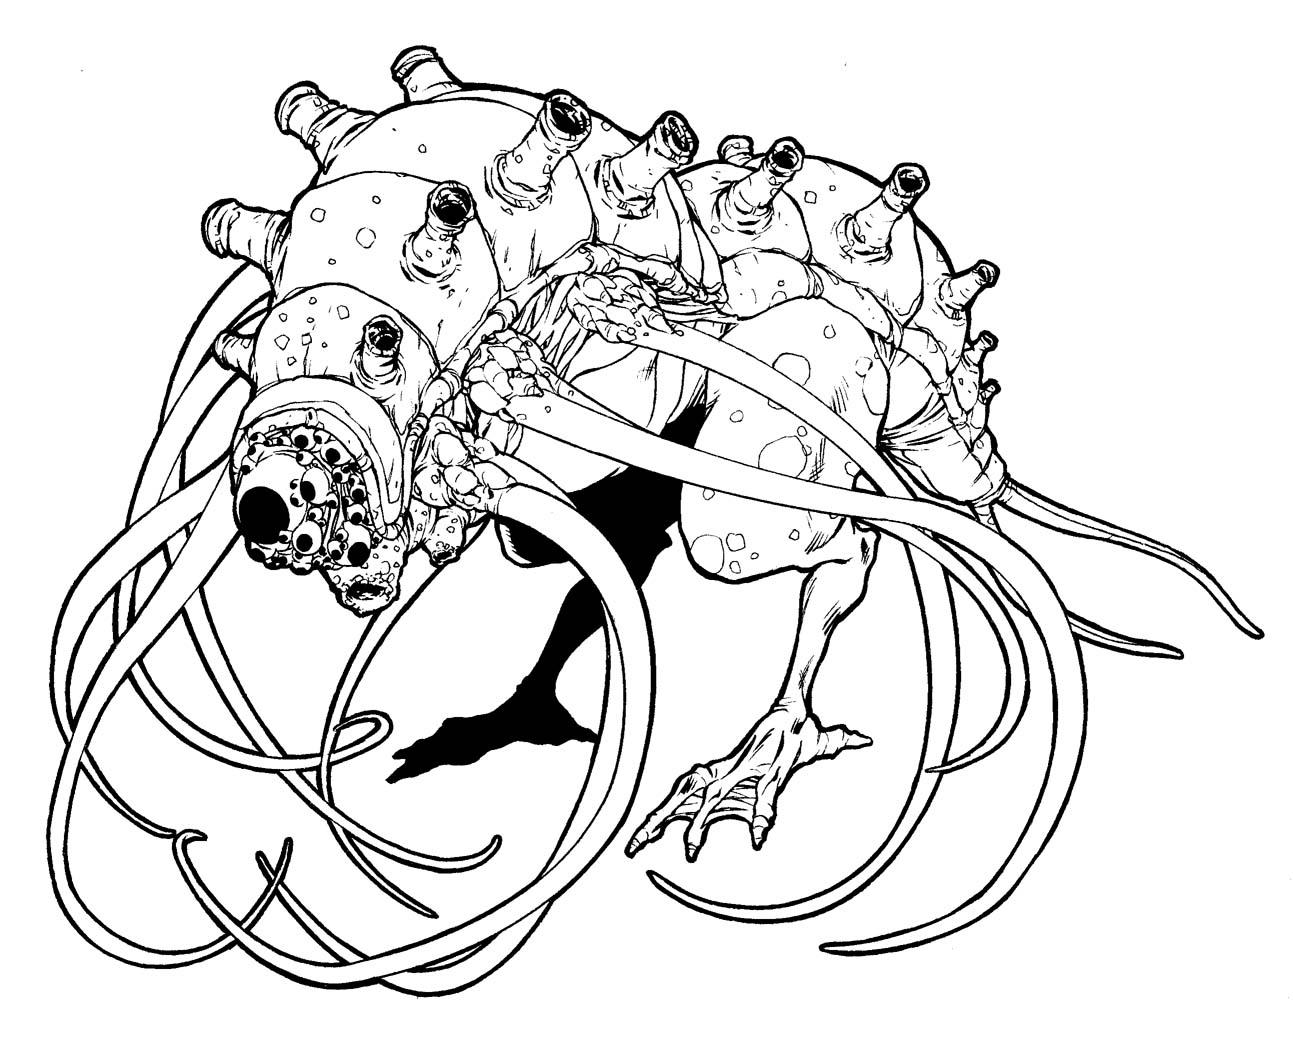 mostri da colorare e stampare disegni imagixs sketch